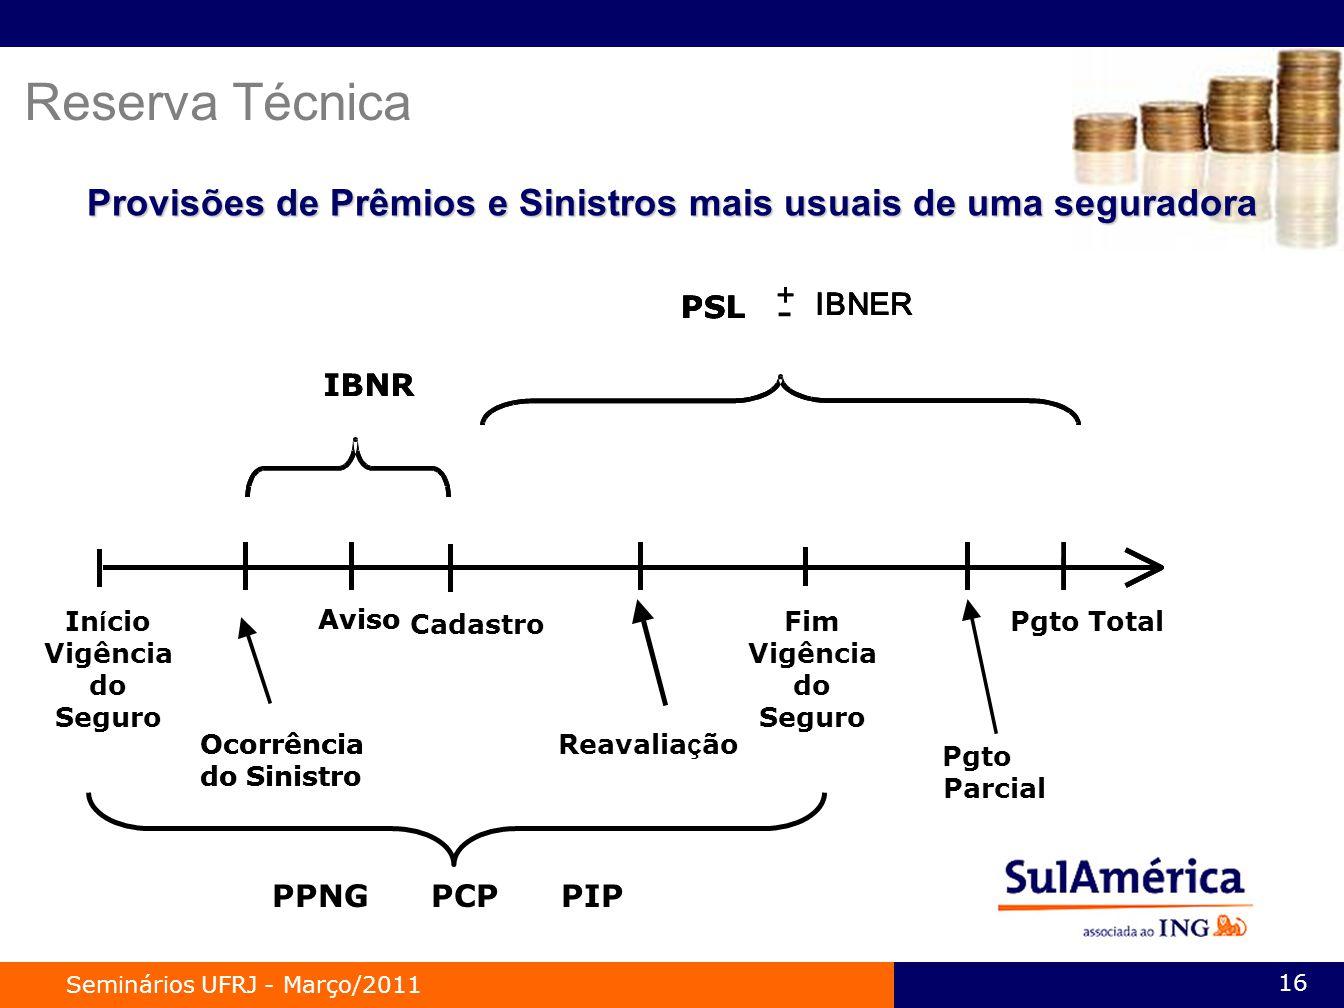 Reserva Técnica Provisões de Prêmios e Sinistros mais usuais de uma seguradora. Pgto Total. + - PSL.